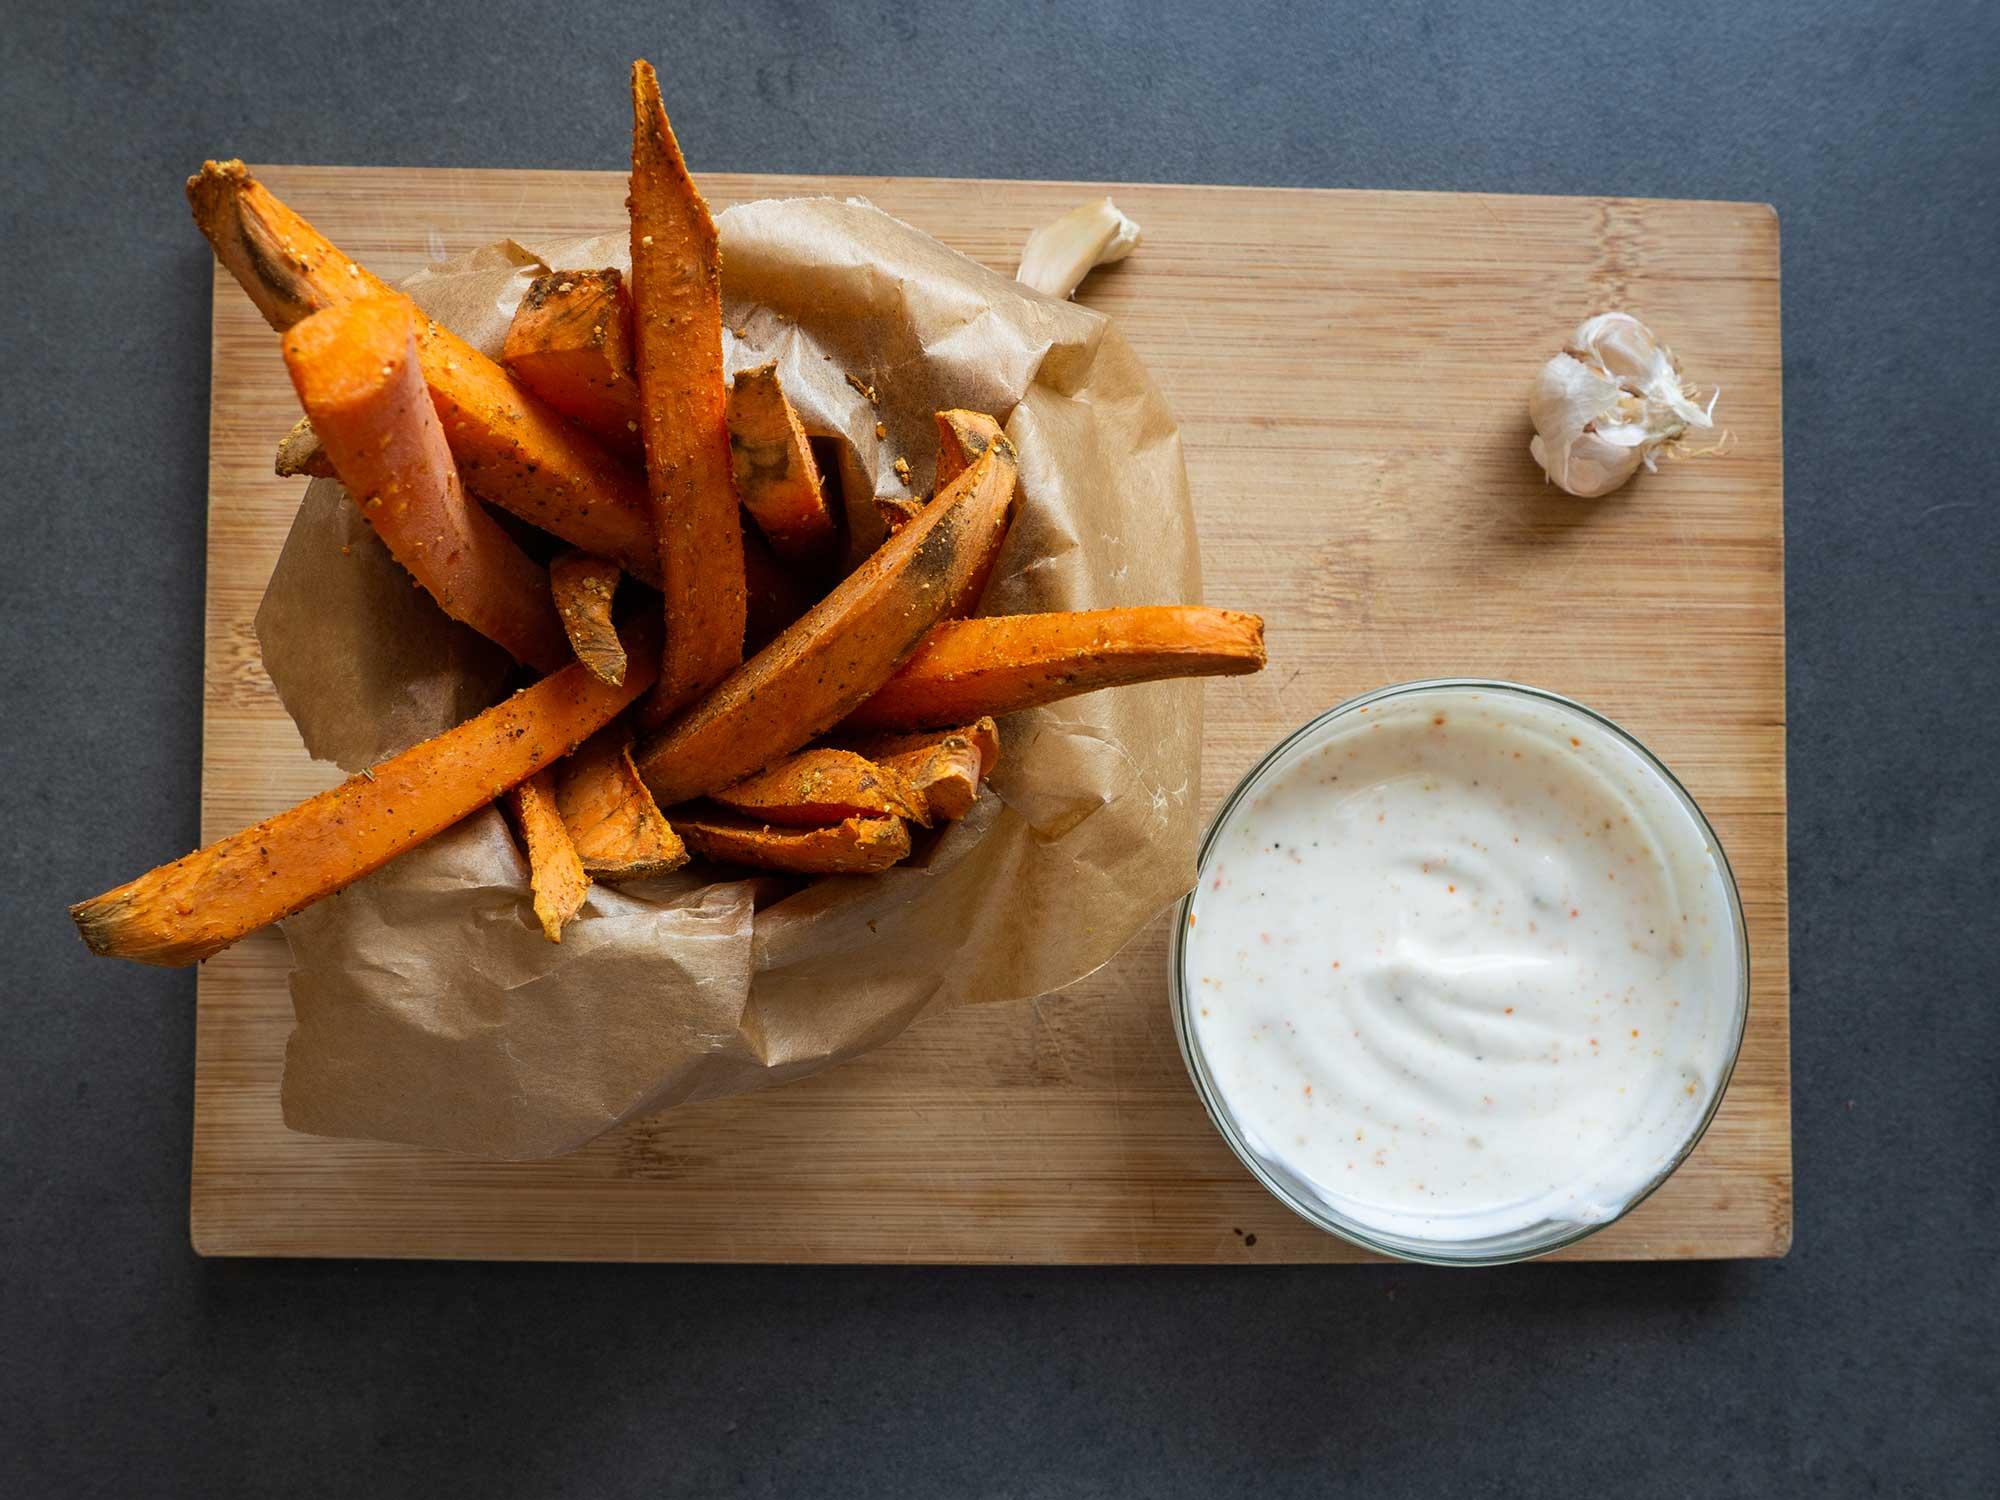 Sweet Potato Fries with Garlic Dip